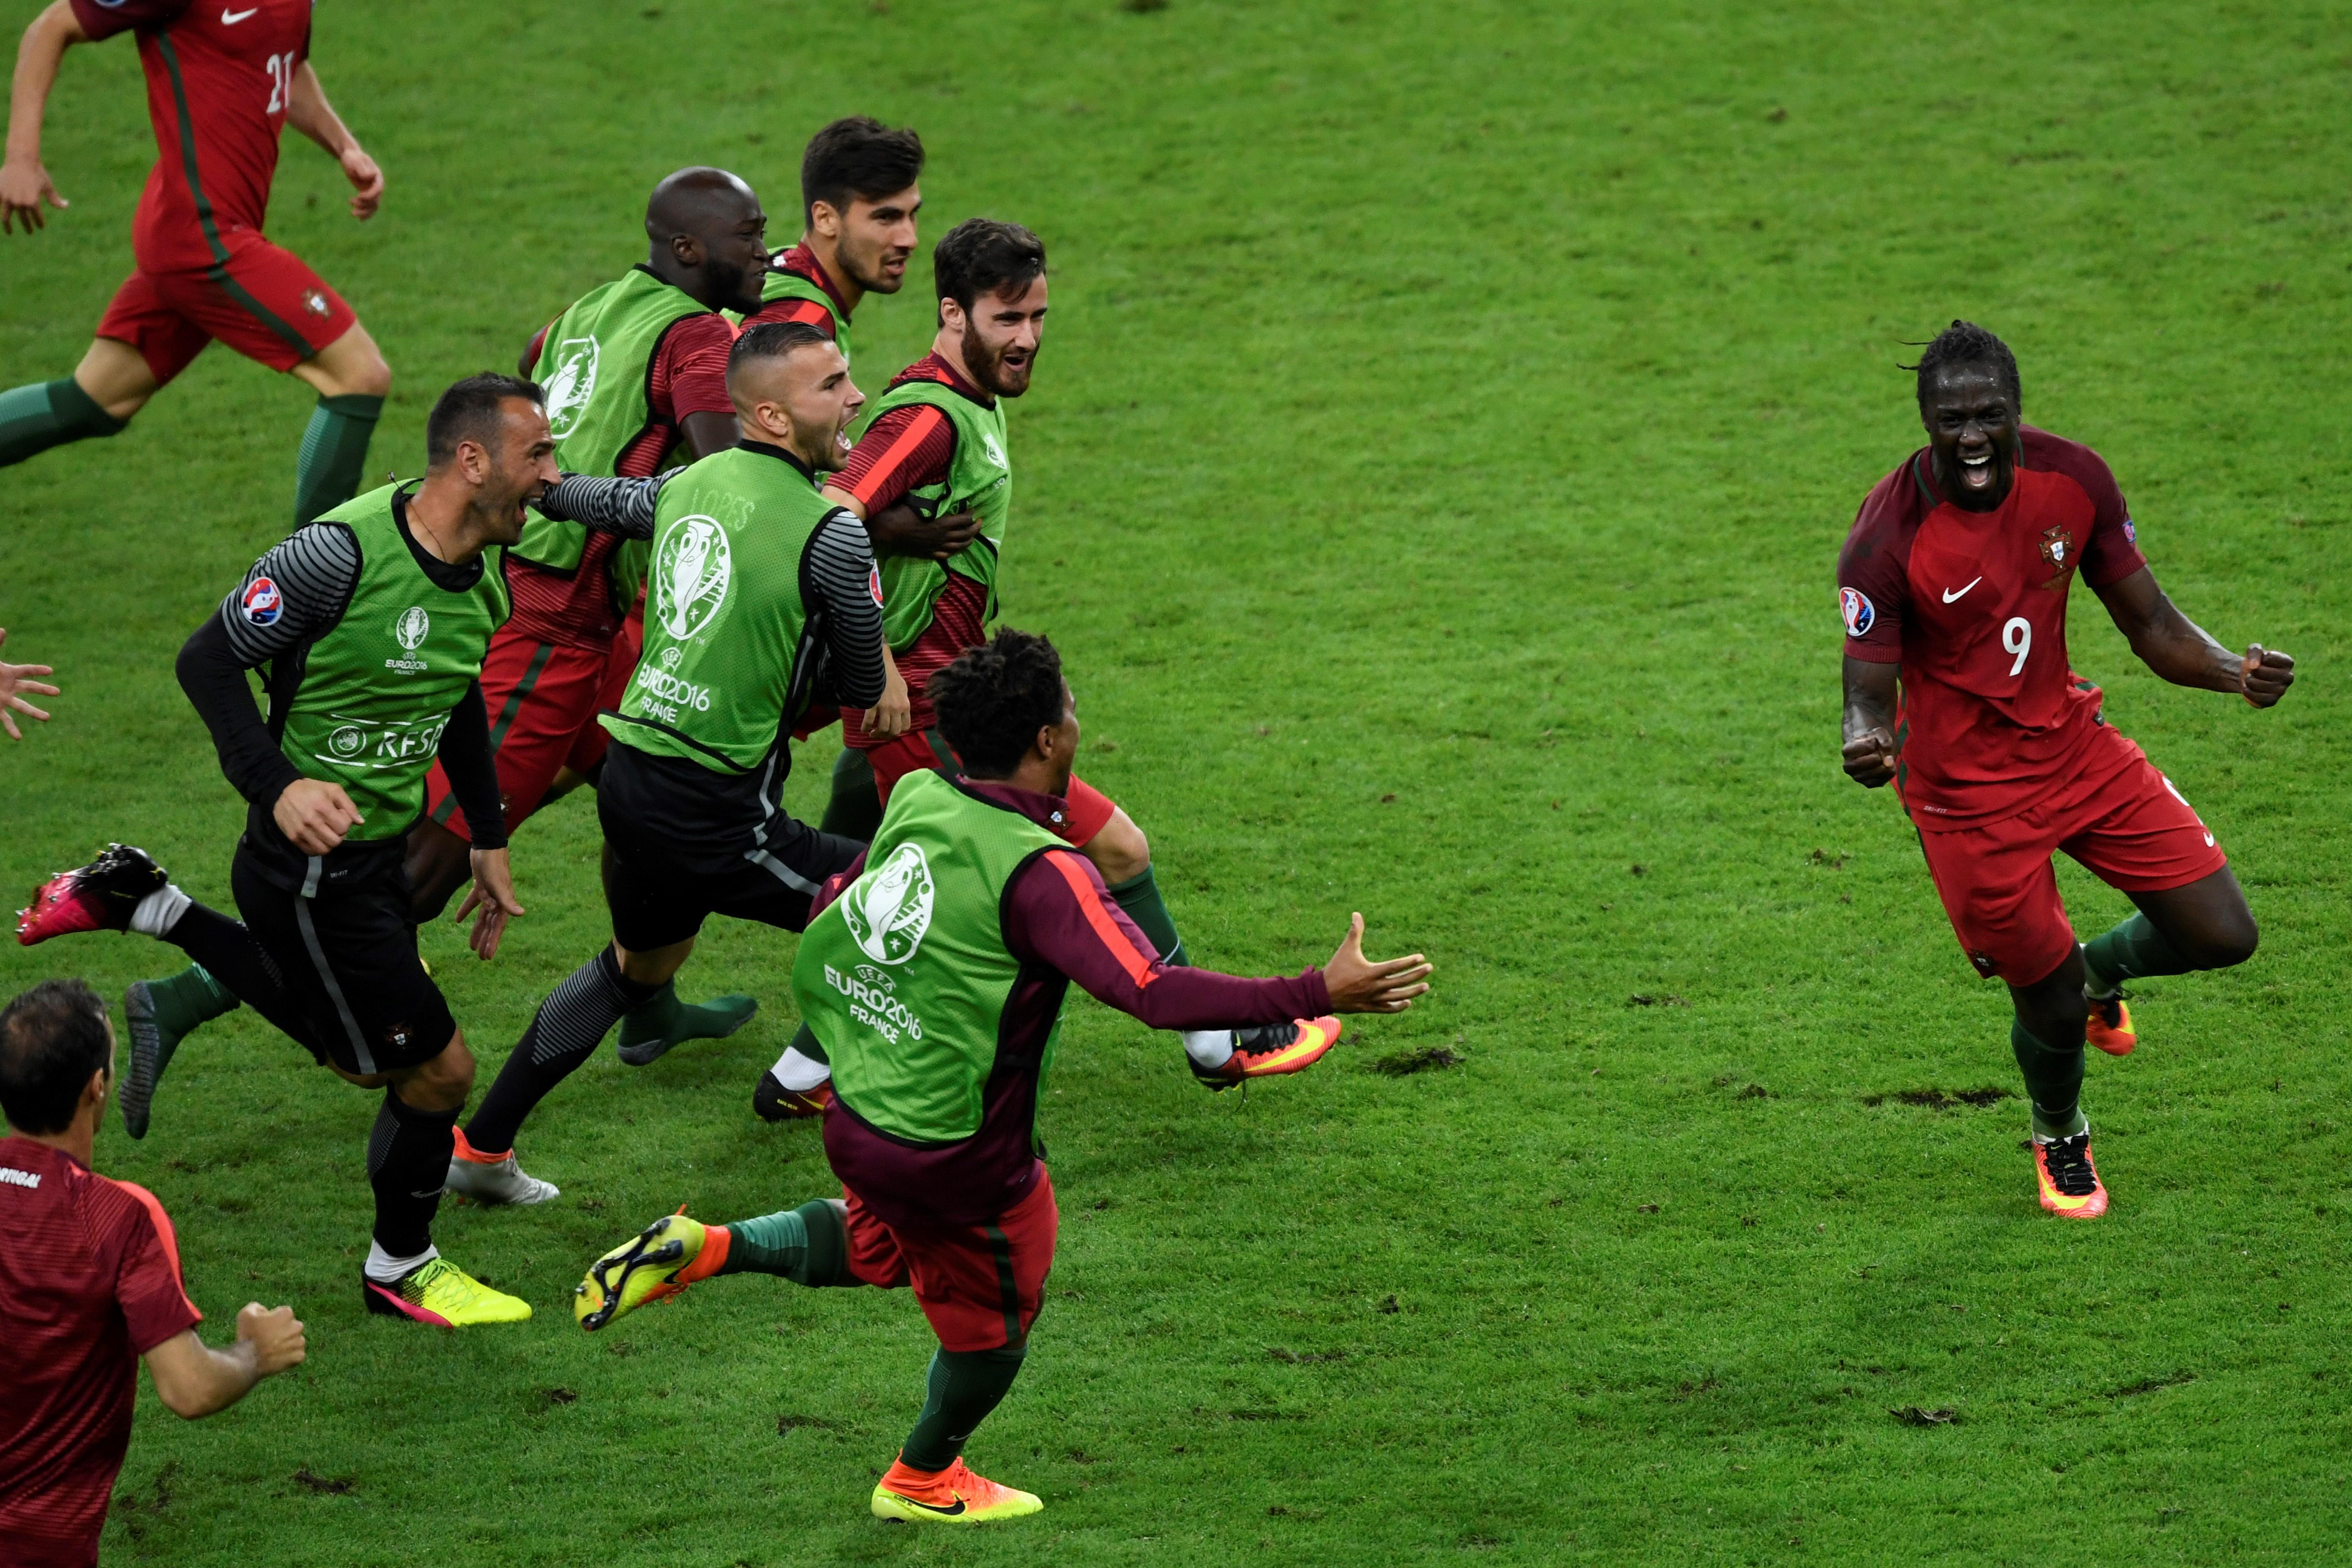 葡萄牙前鋒艾達盧比斯得分後,隊友上前一同慶祝。(MIGUEL/AFP)